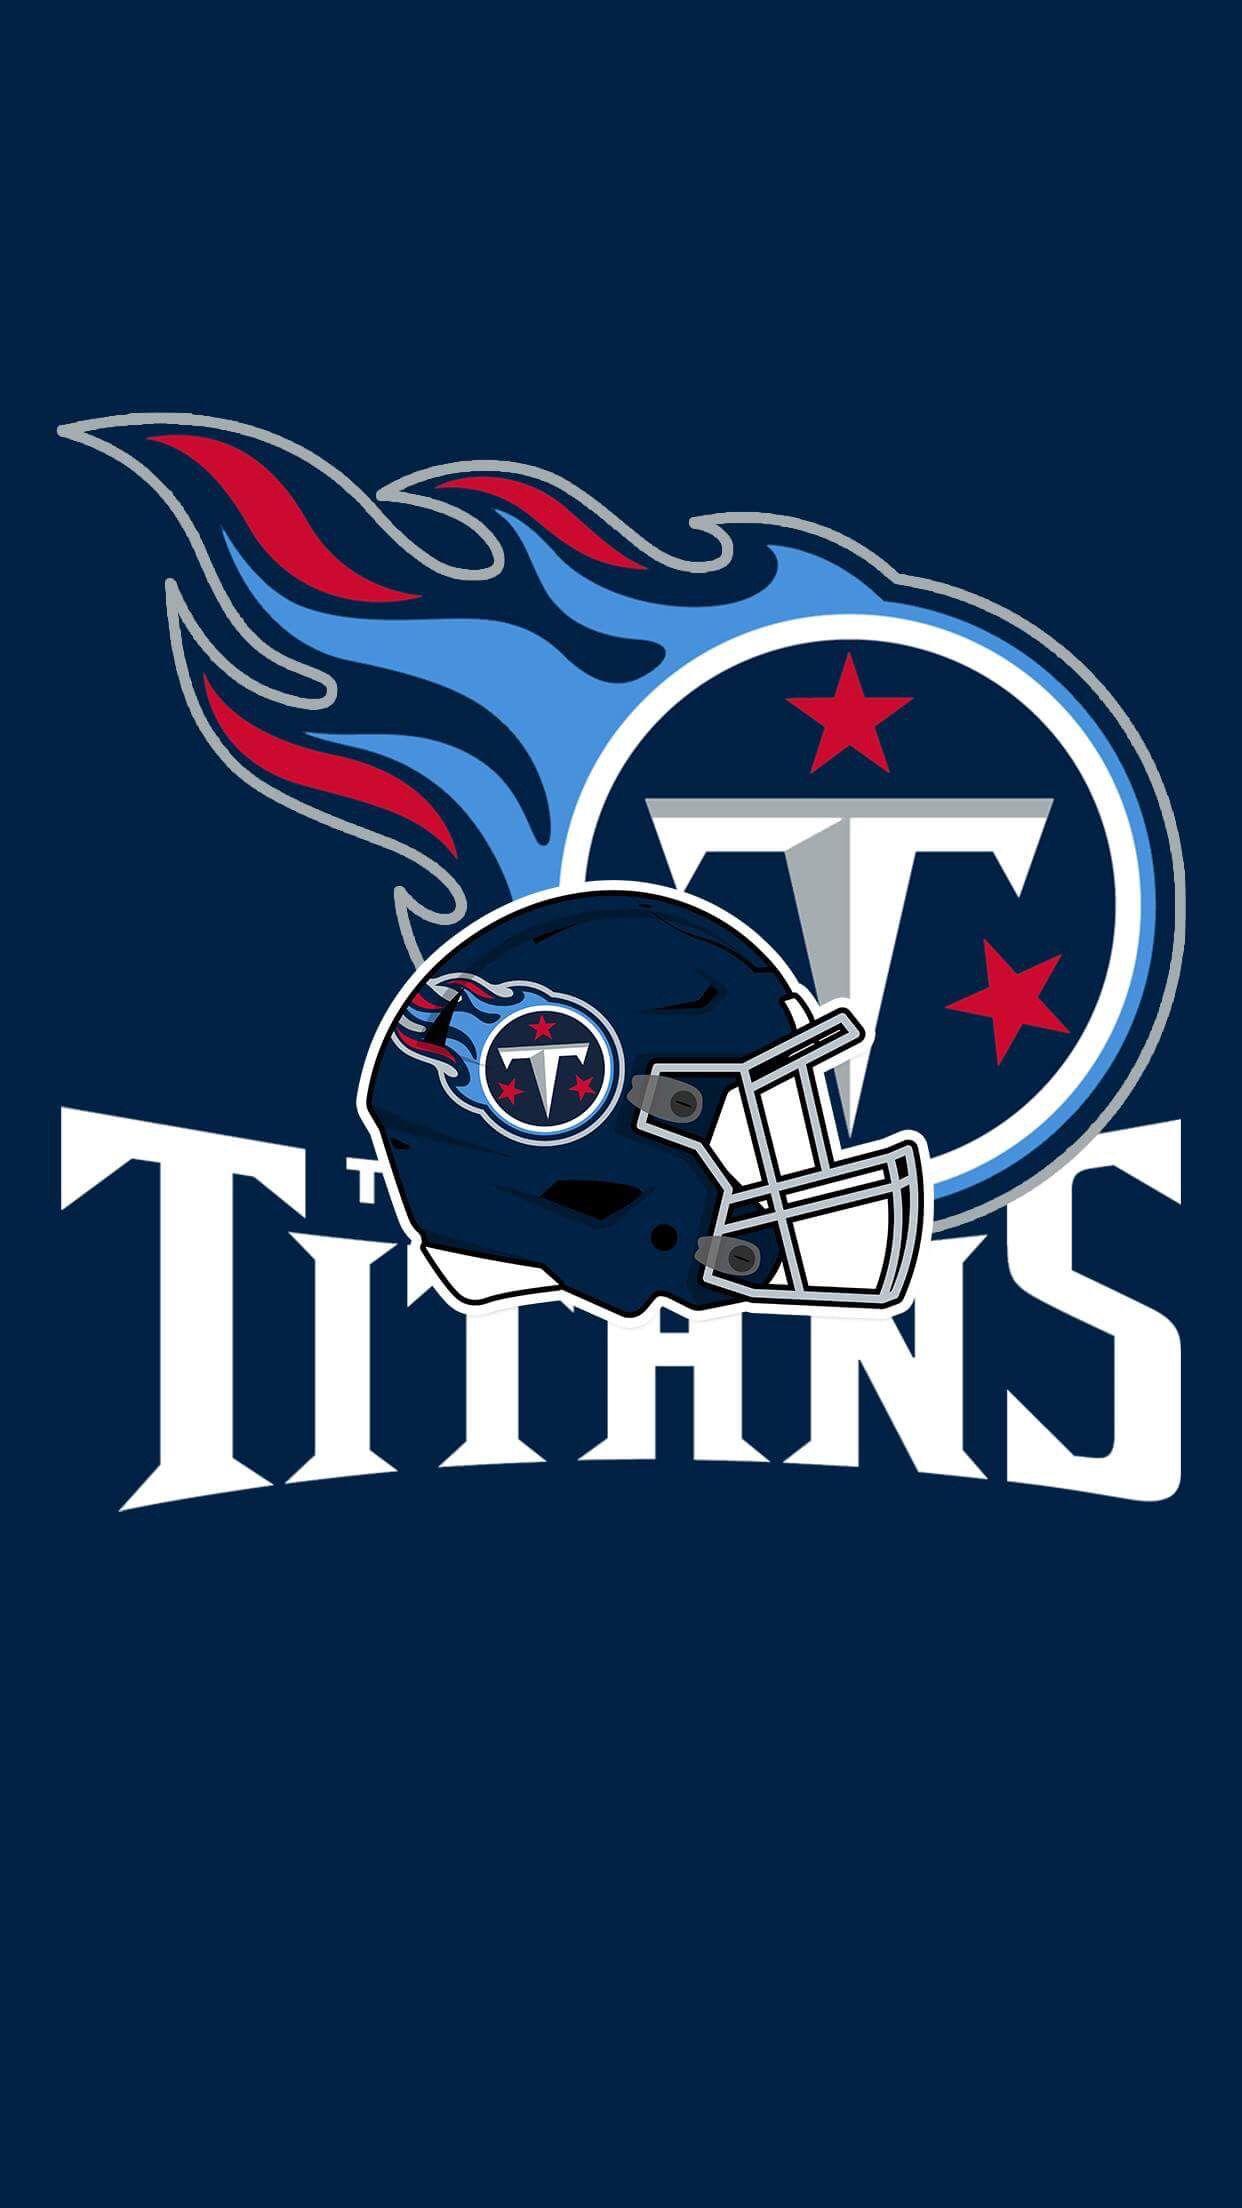 Tennessee Titans Wallpaper Fan Art Nfl Helmet Tennessee Titans Wallpaper Tennessee Titans Football Tennessee Titans